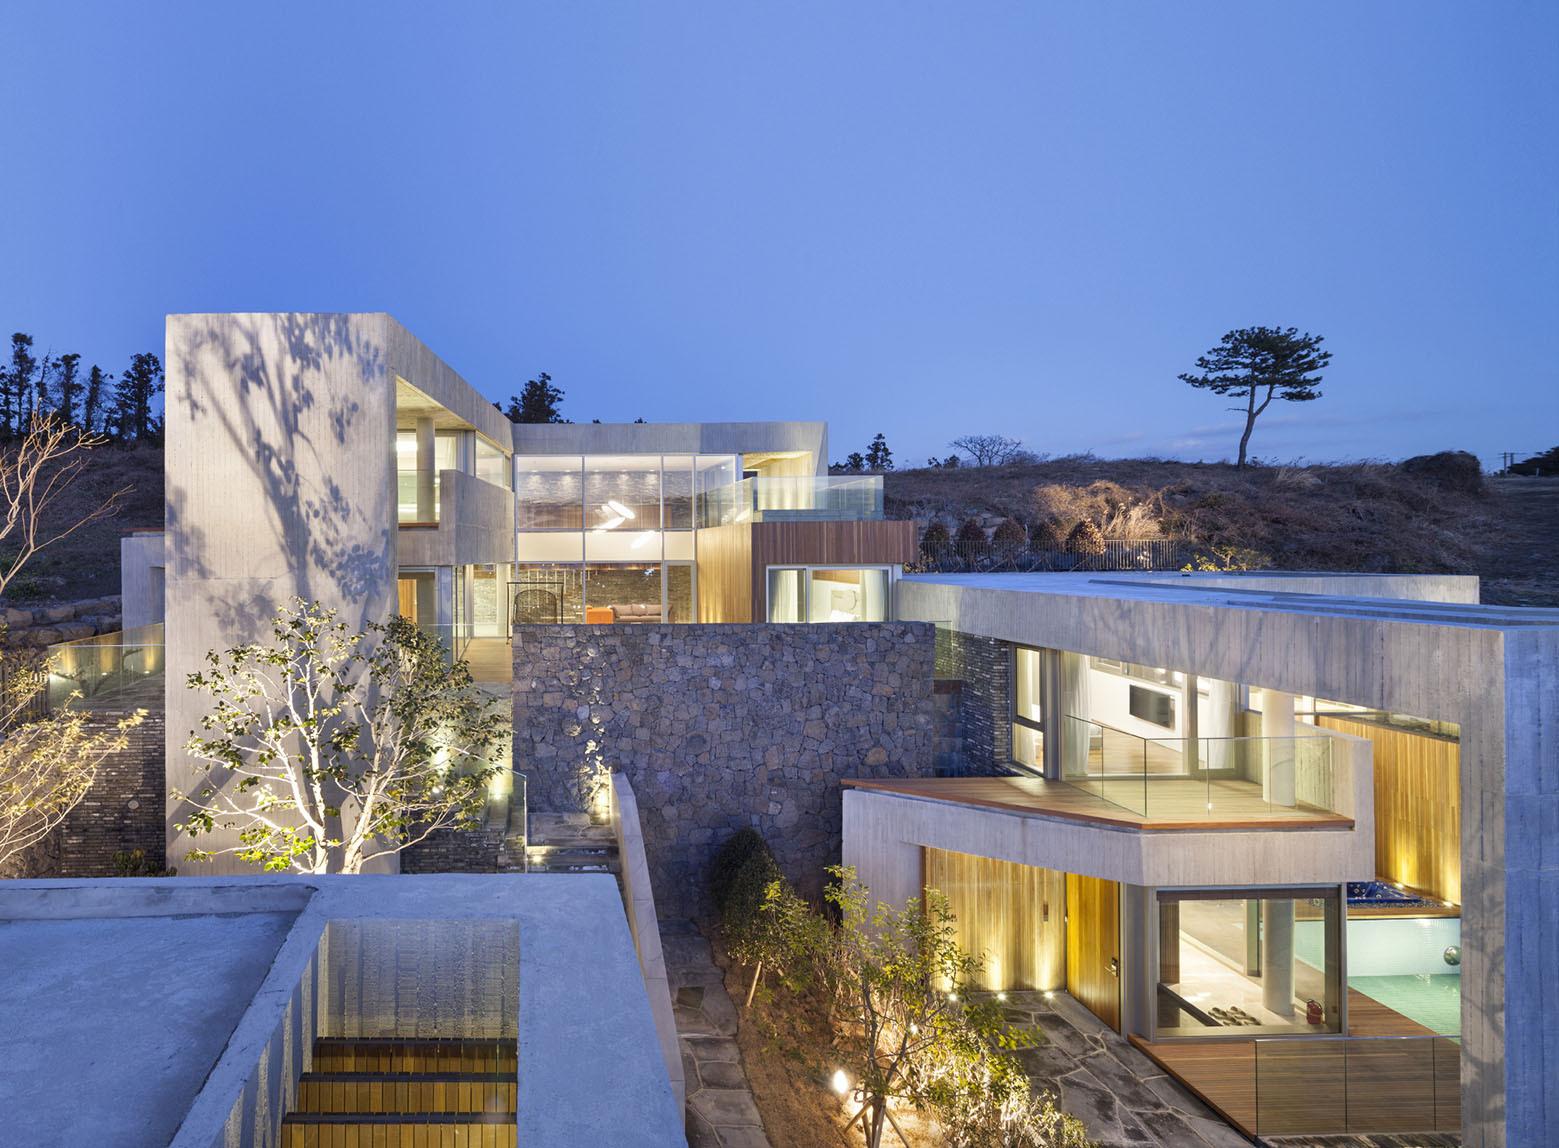 Jeju Bayhill Pool & Villa / Kim Dong-jin + L'eau Design (8)